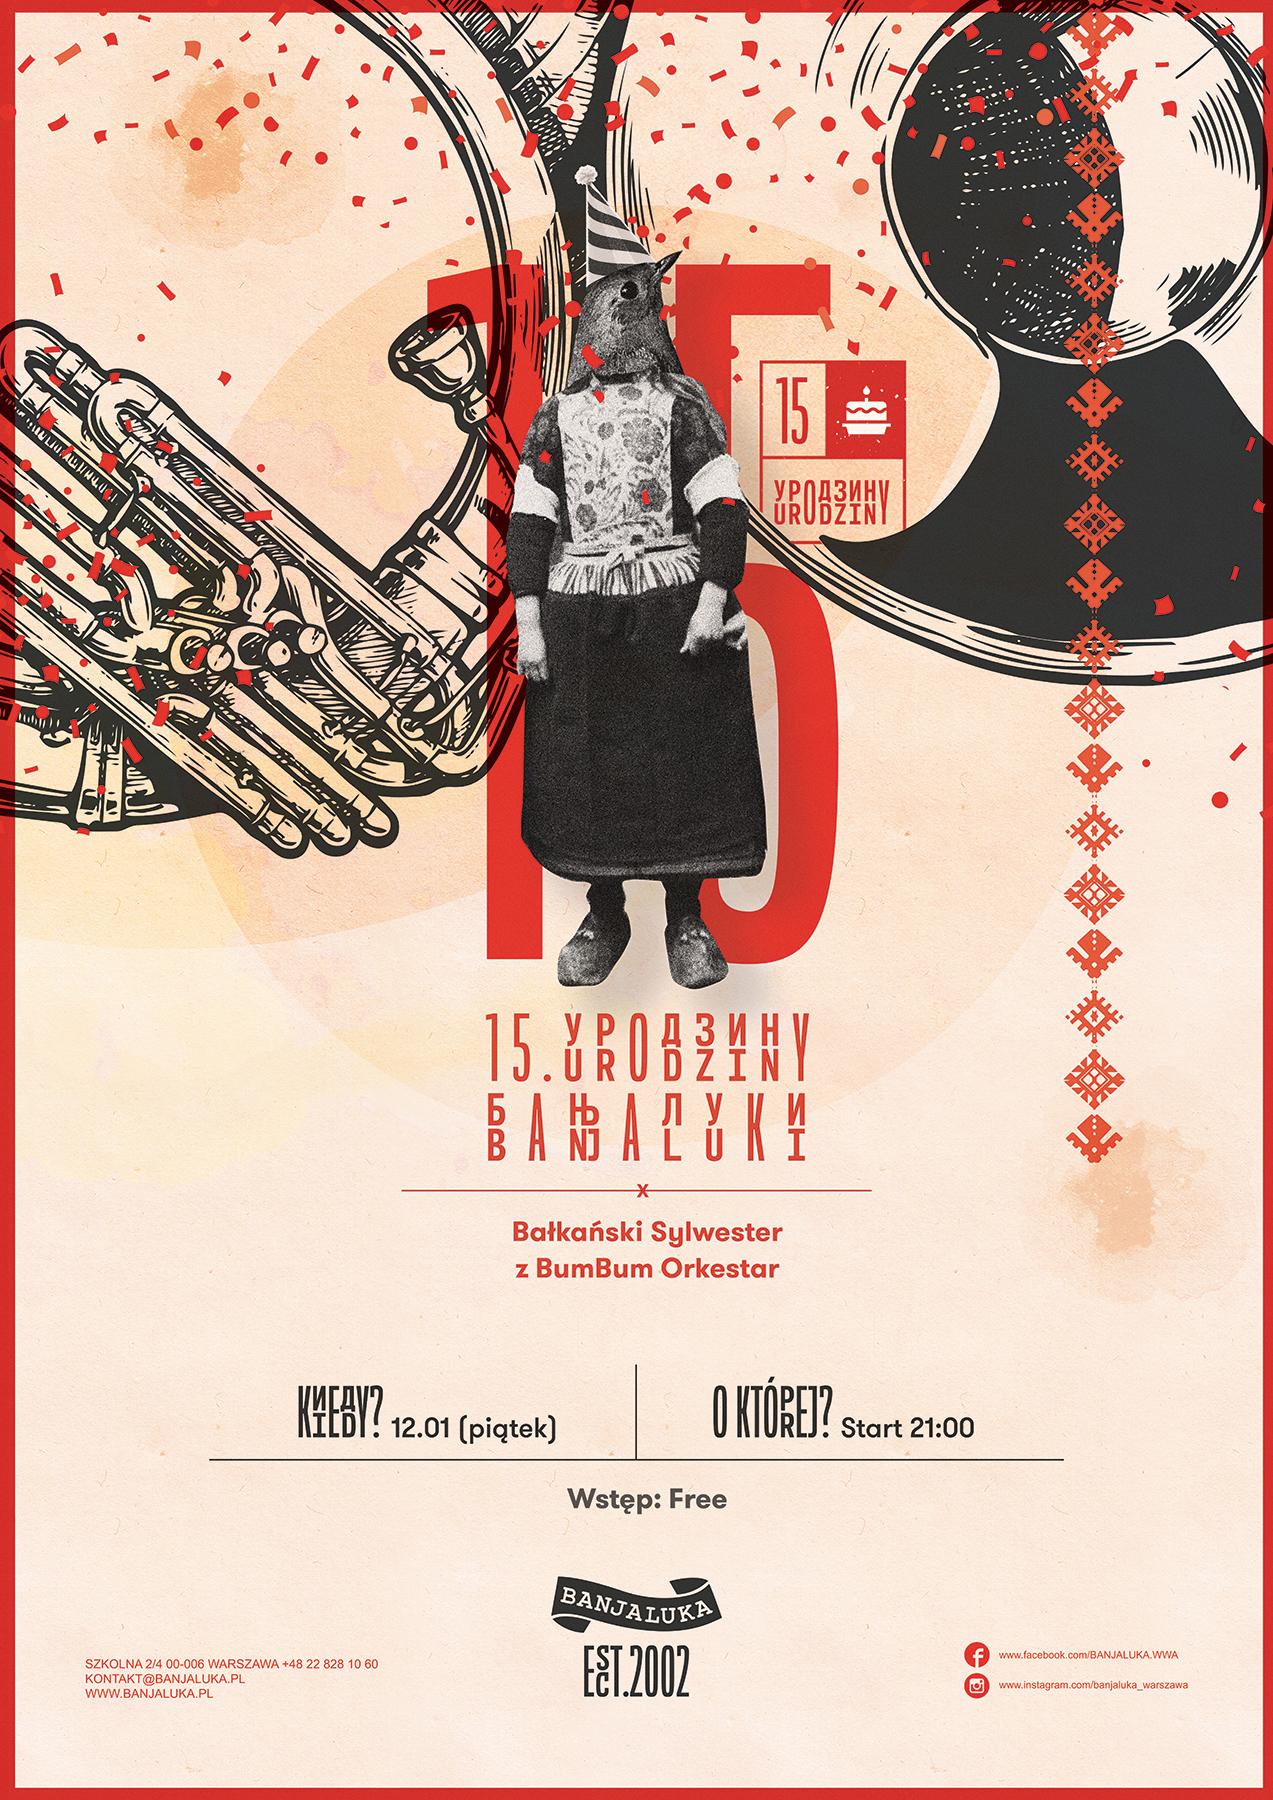 Plakat promujący urodziny Banjaluki